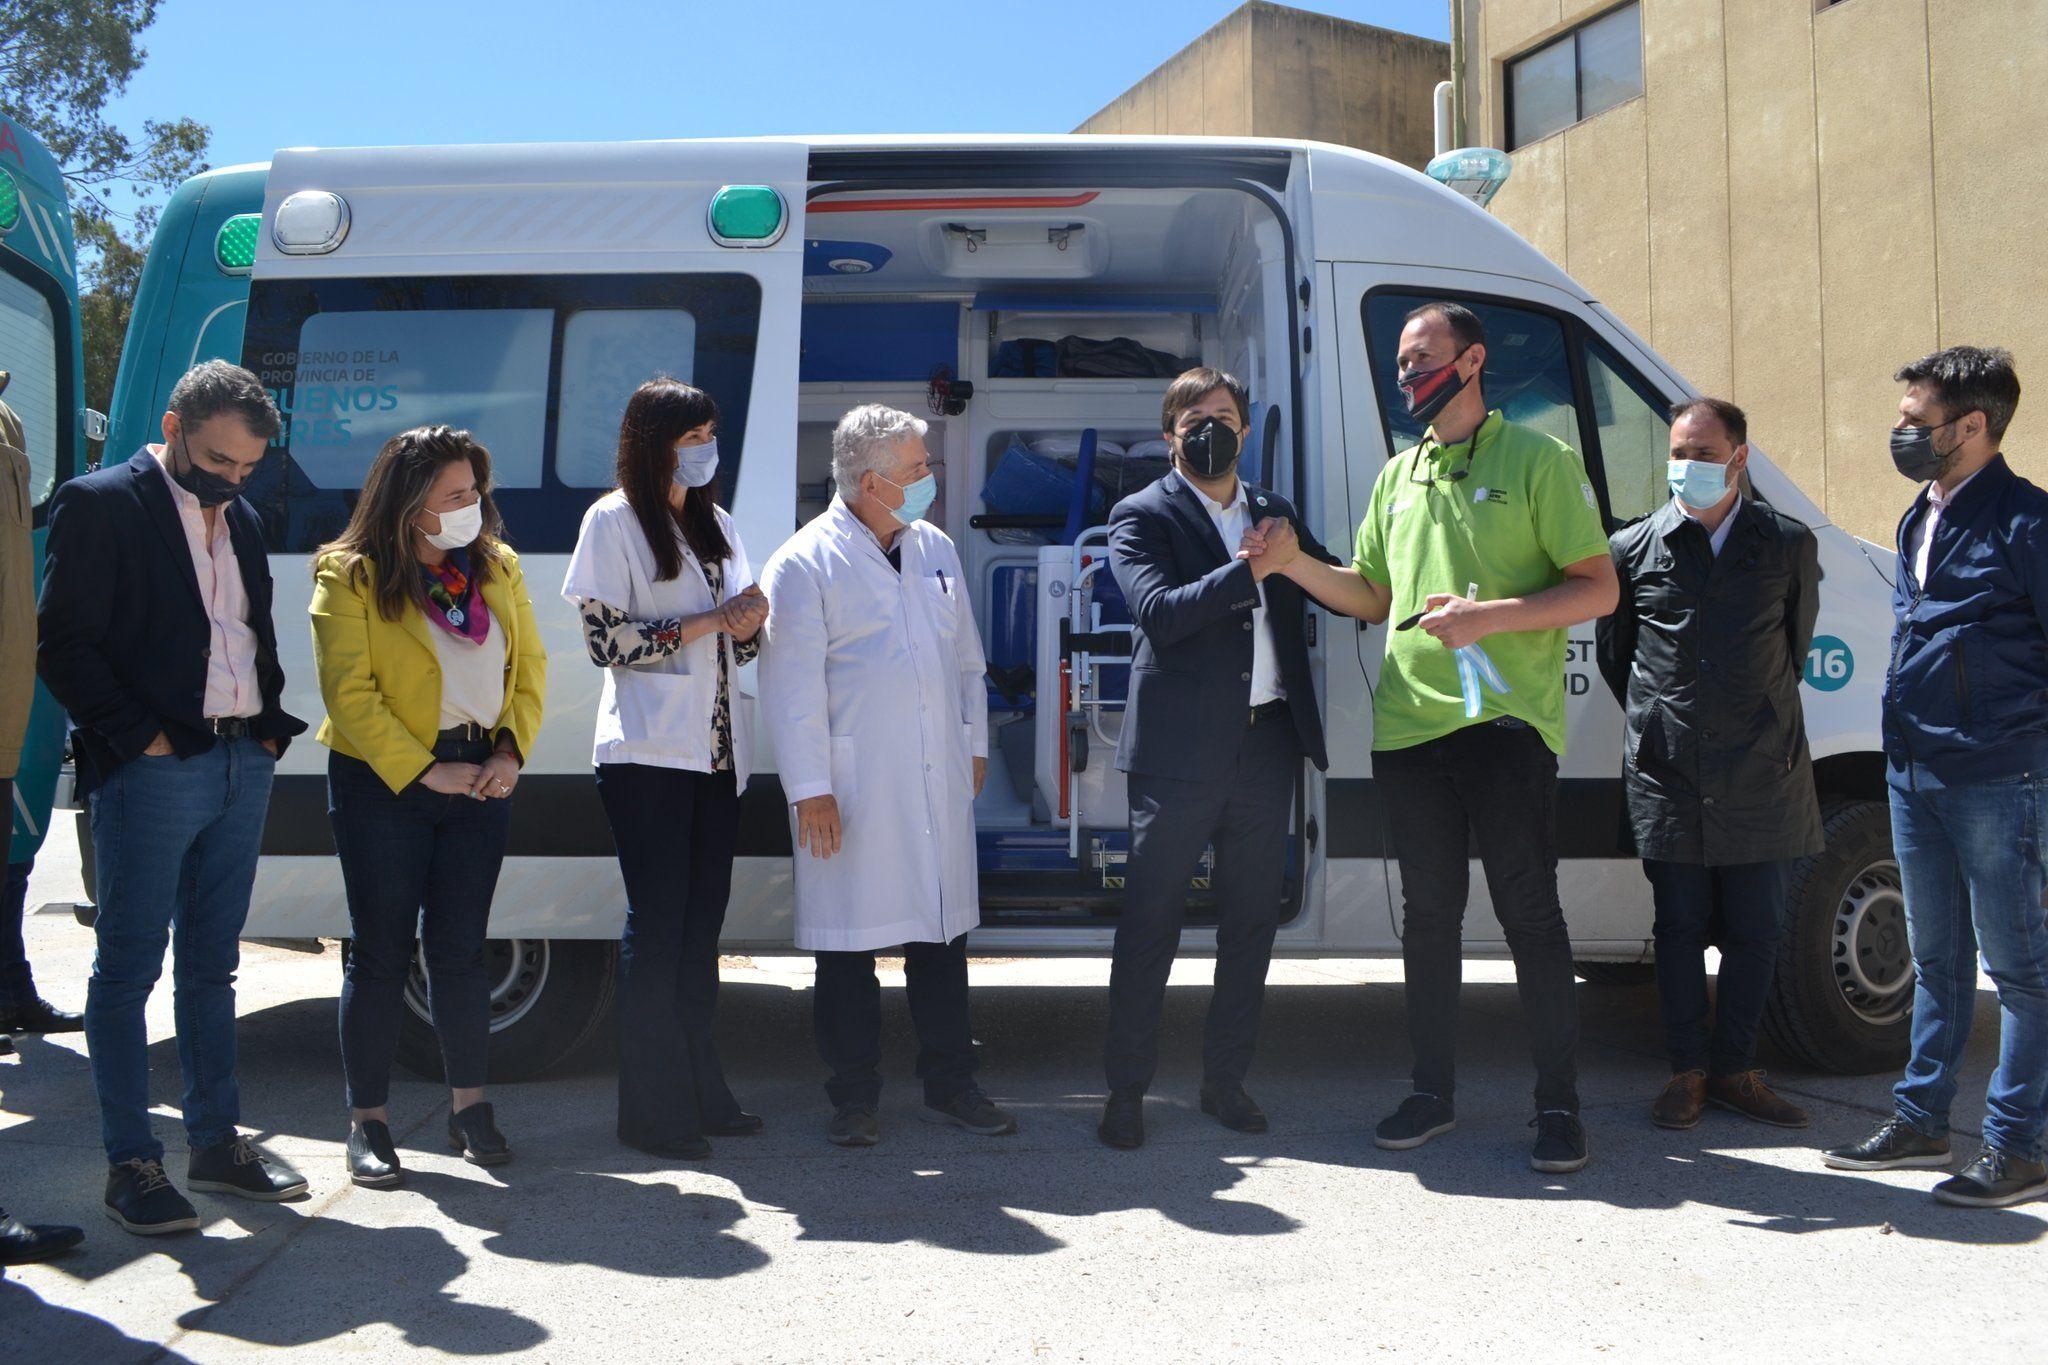 operativo ambulancia: con guino a los intendentes, provincia repartio unidades en los municipios